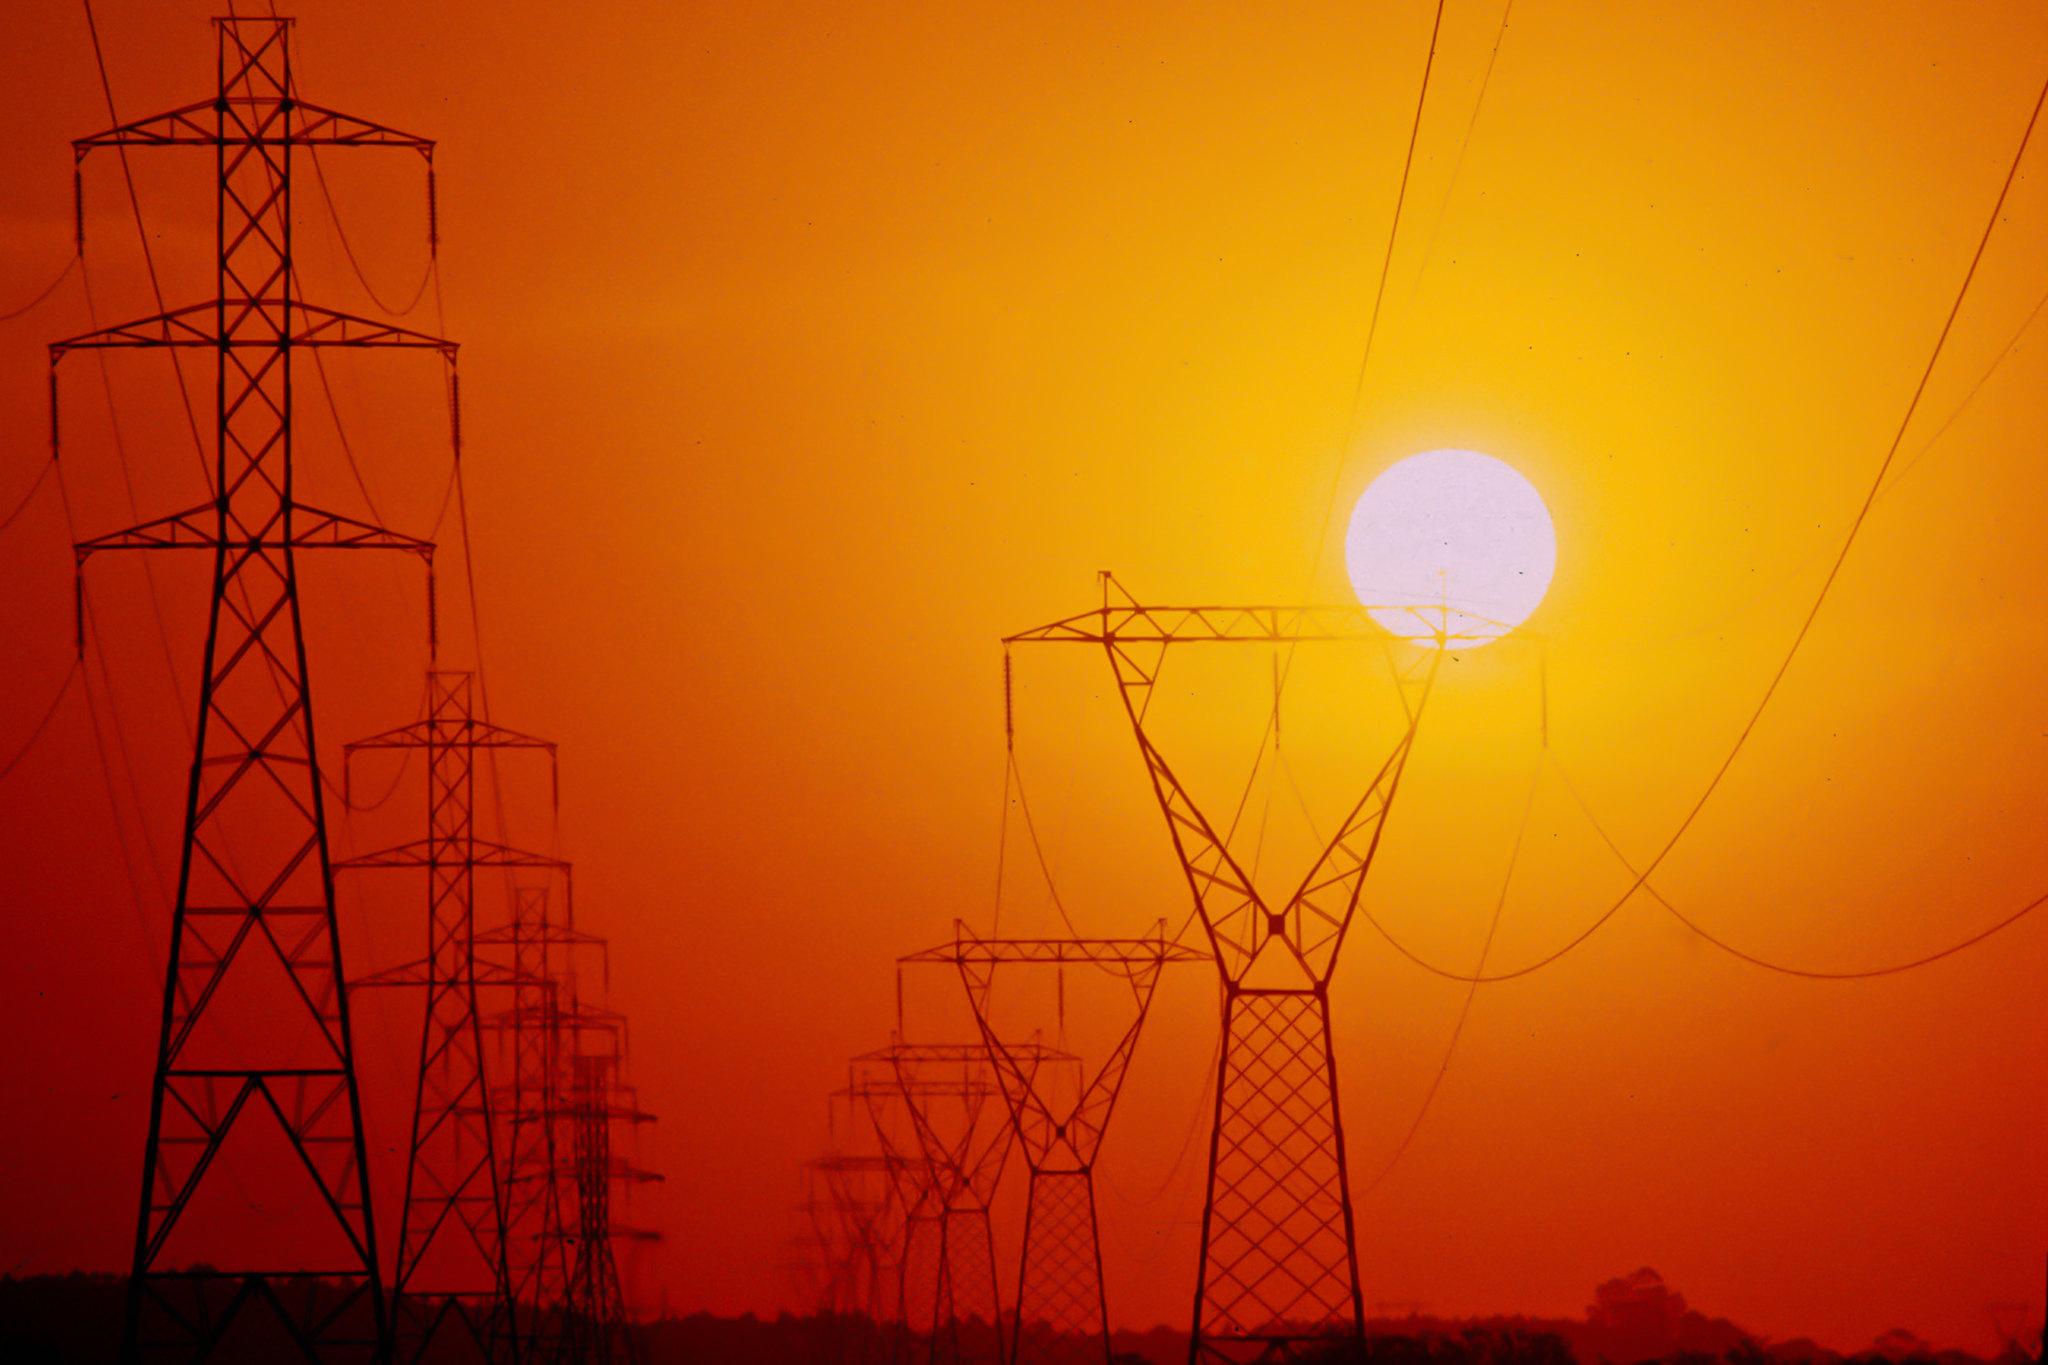 PORTO ALEGRE, RS, BRASIL, 14.10.2017 - Vista de linhas de transmissão de energia elétrica. Foto: Beto Rodrigues / Grupo CEEE